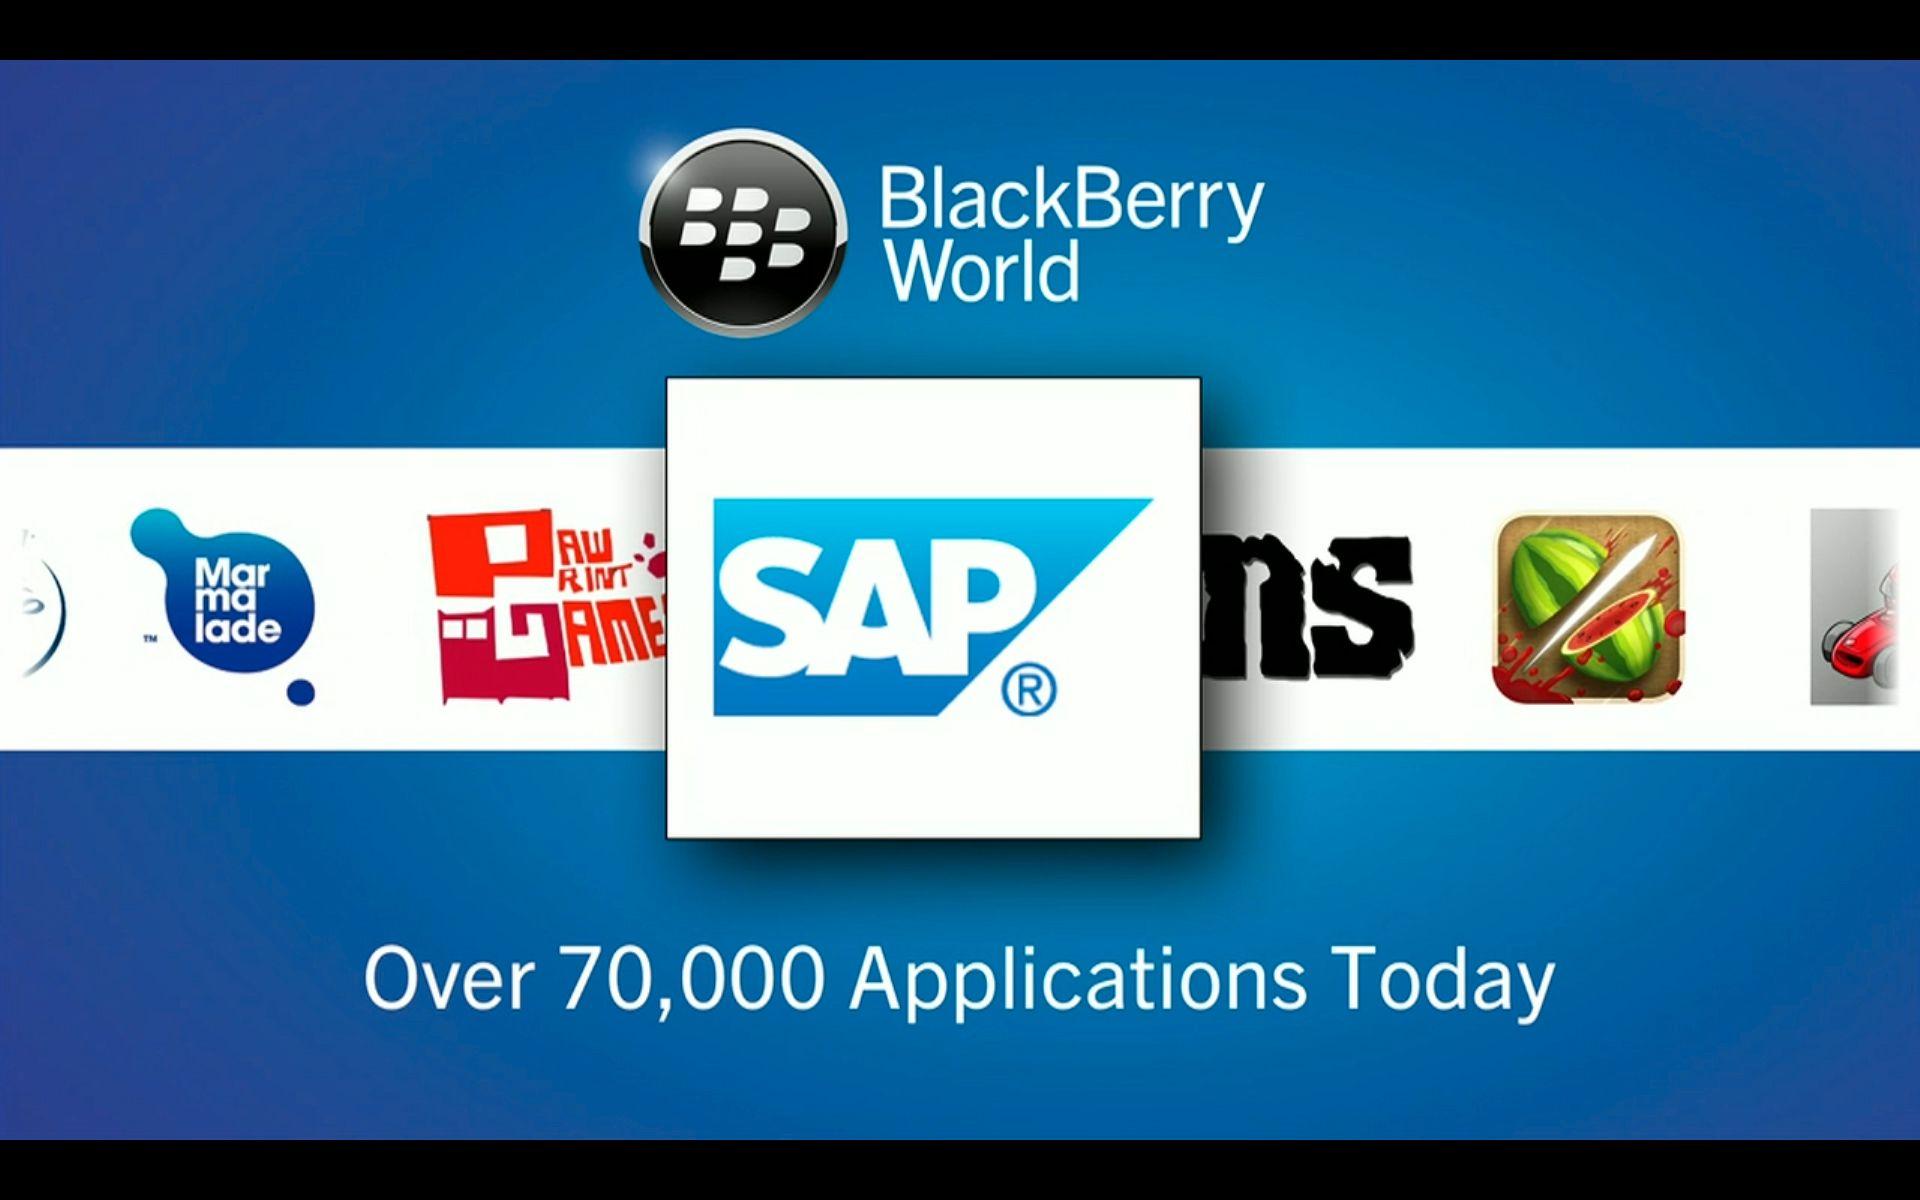 BlackBerry fokuserte veldig på at du ikke vil mangle apper. Det er imidlertid noen av utviklerne som bare har lovet støtte foreløpig.